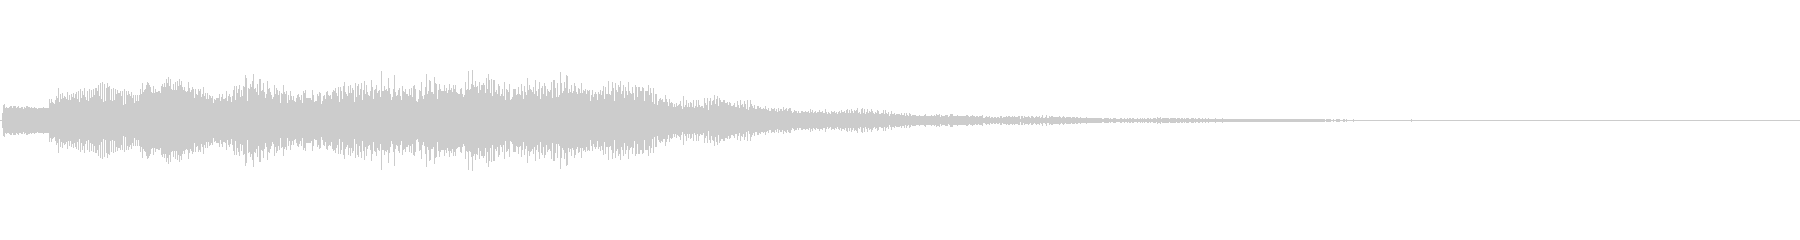 KANTチャイムアイキャッチ17225の未再生の波形